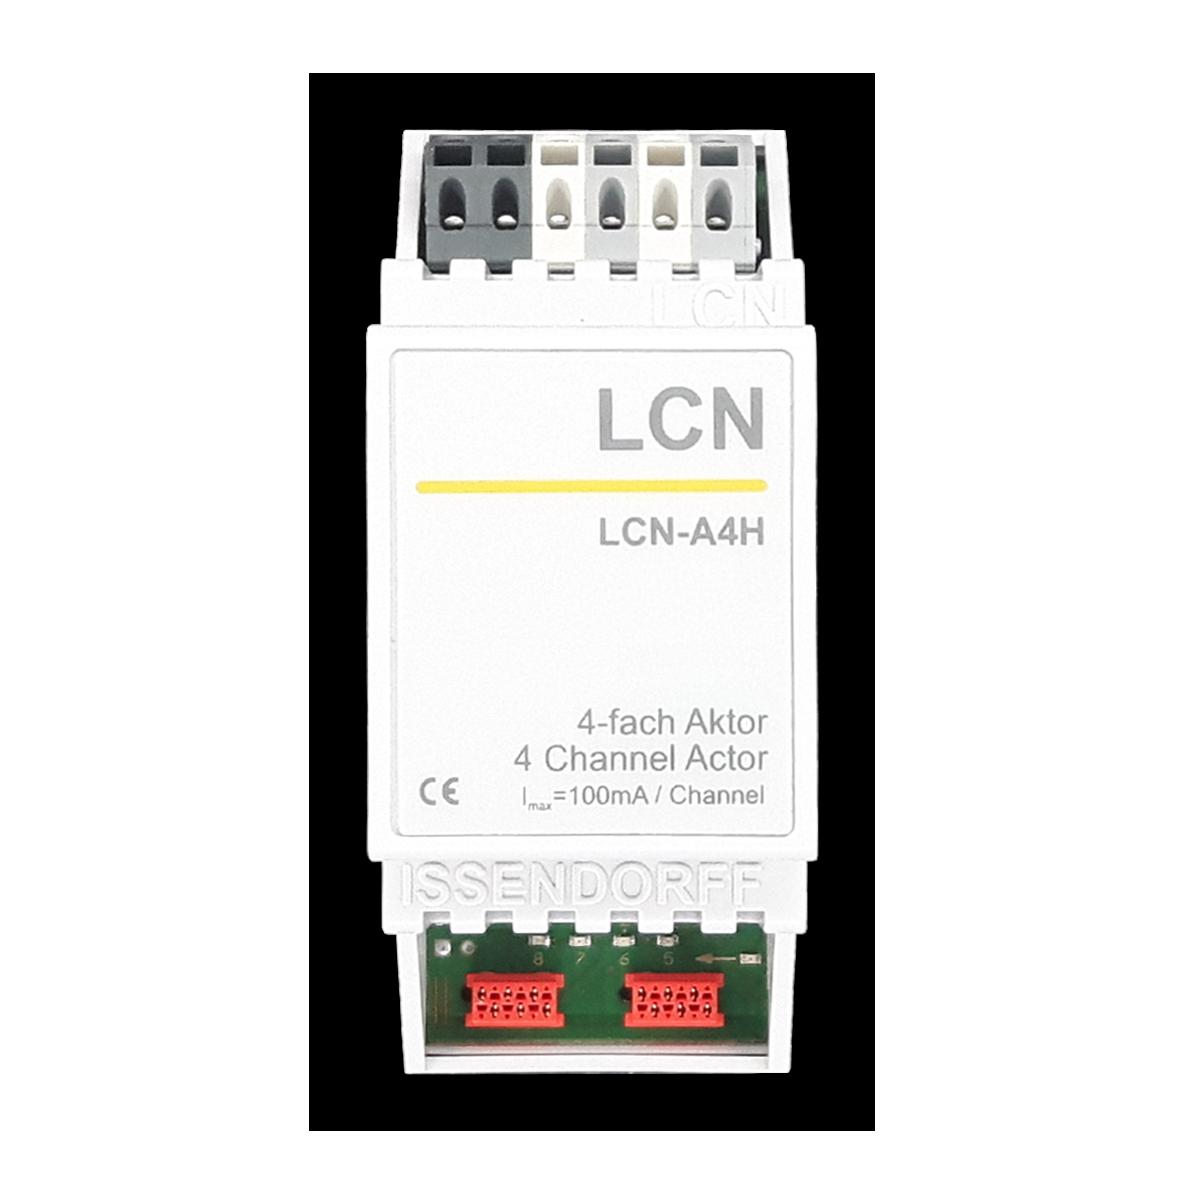 LCN-A4H